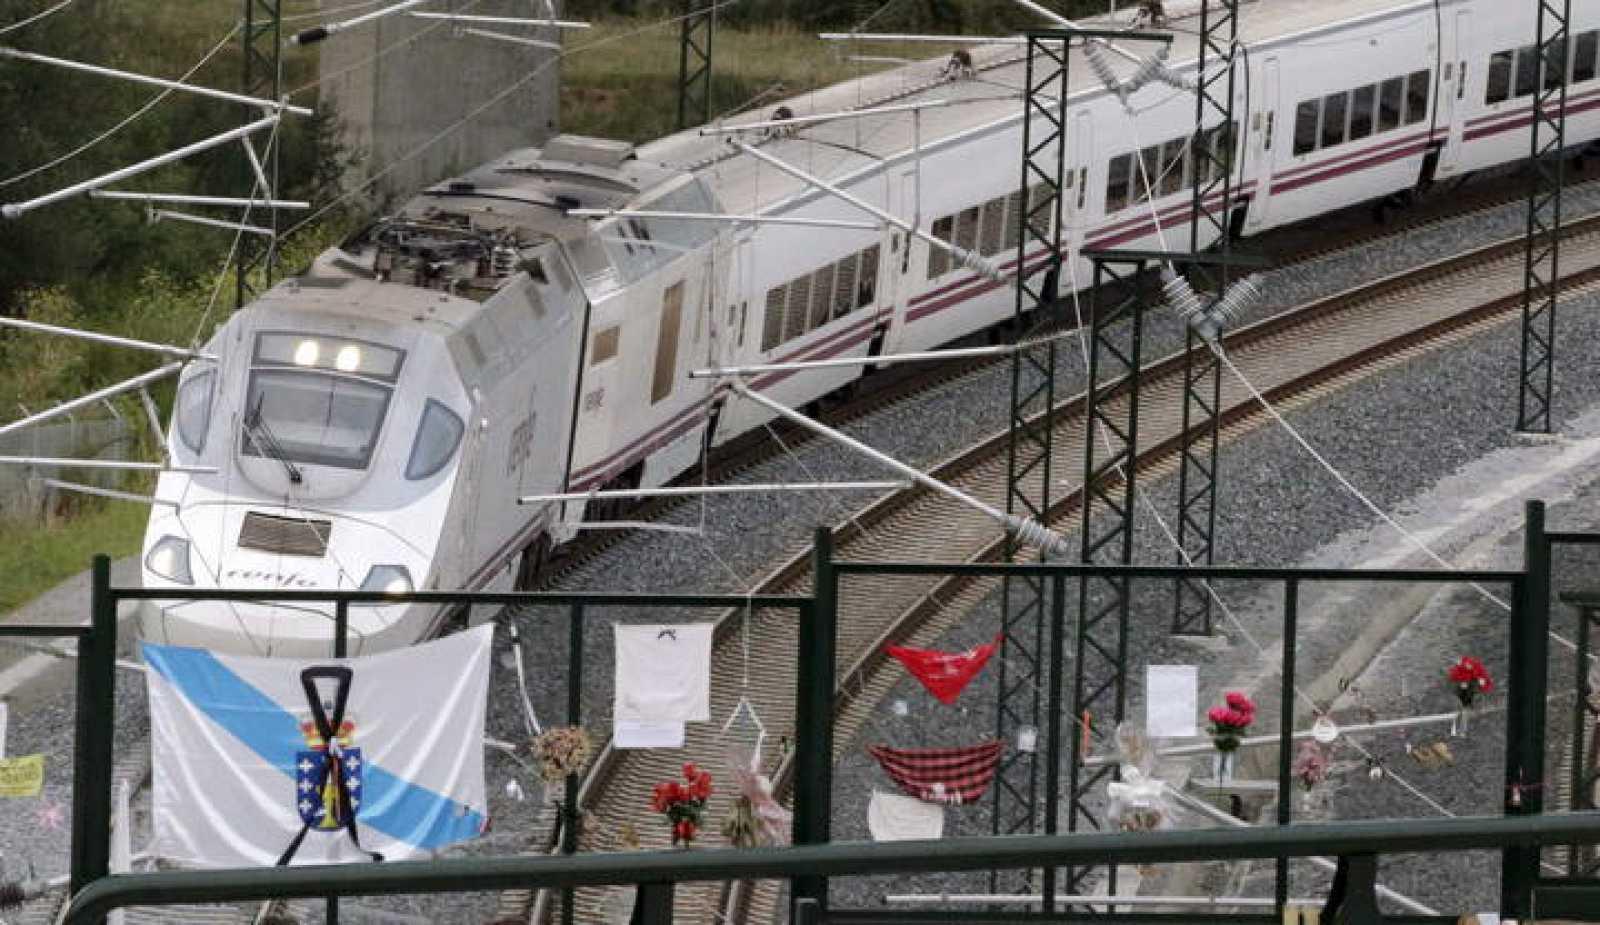 El tren Alvia que realiza el mismo recorrido que el accidentado el 24 de julio, a su paso por el punto del descarrilamiento un mes después.